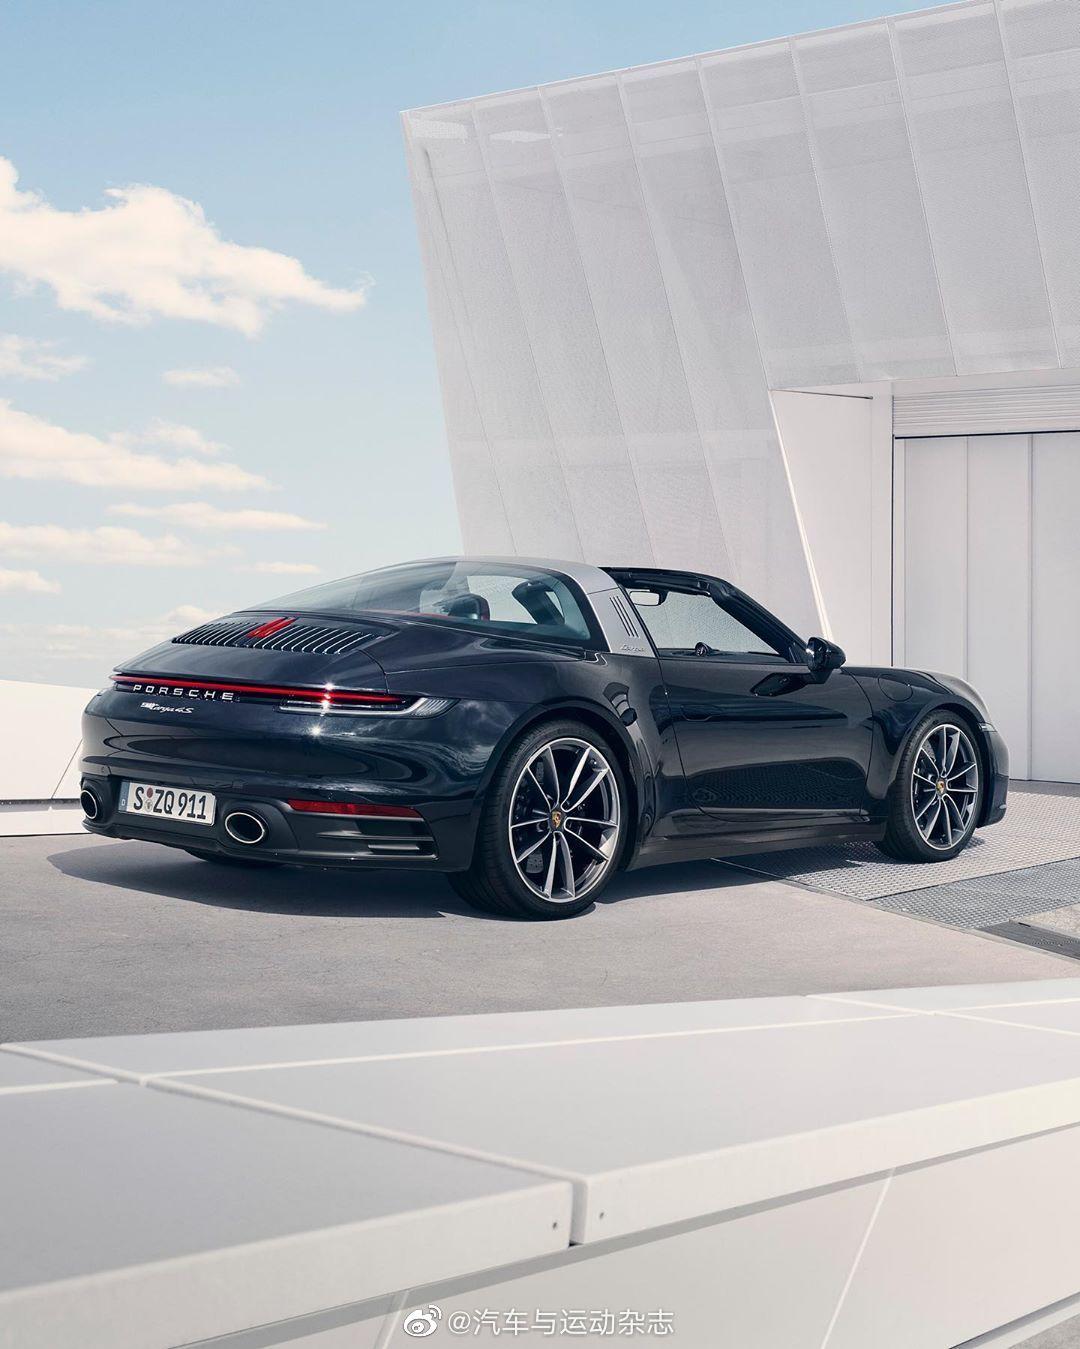 全新保时捷911 Targa 4搭载3.0L 六缸水平对置涡轮增压发动机